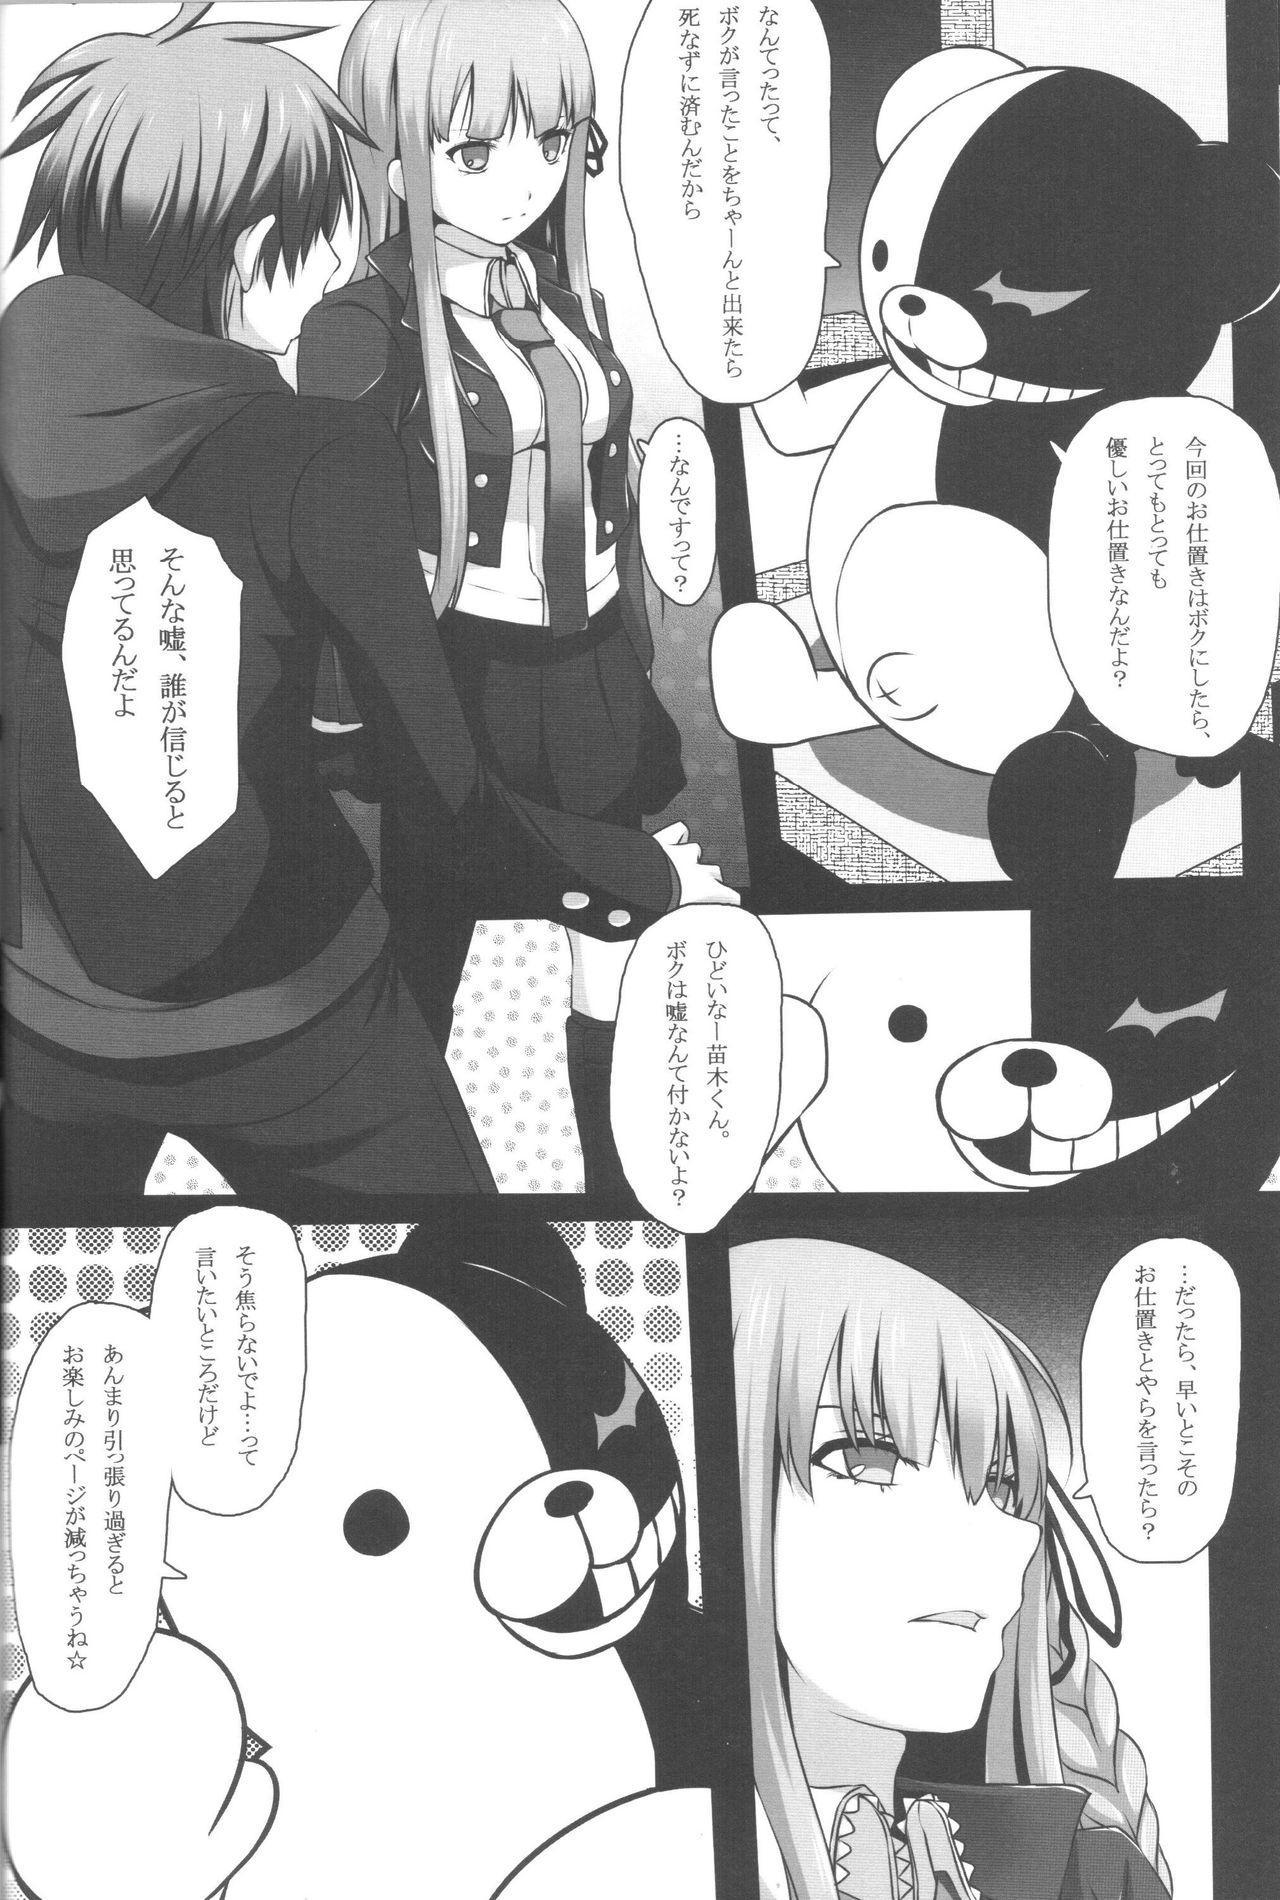 Monokuma File 6